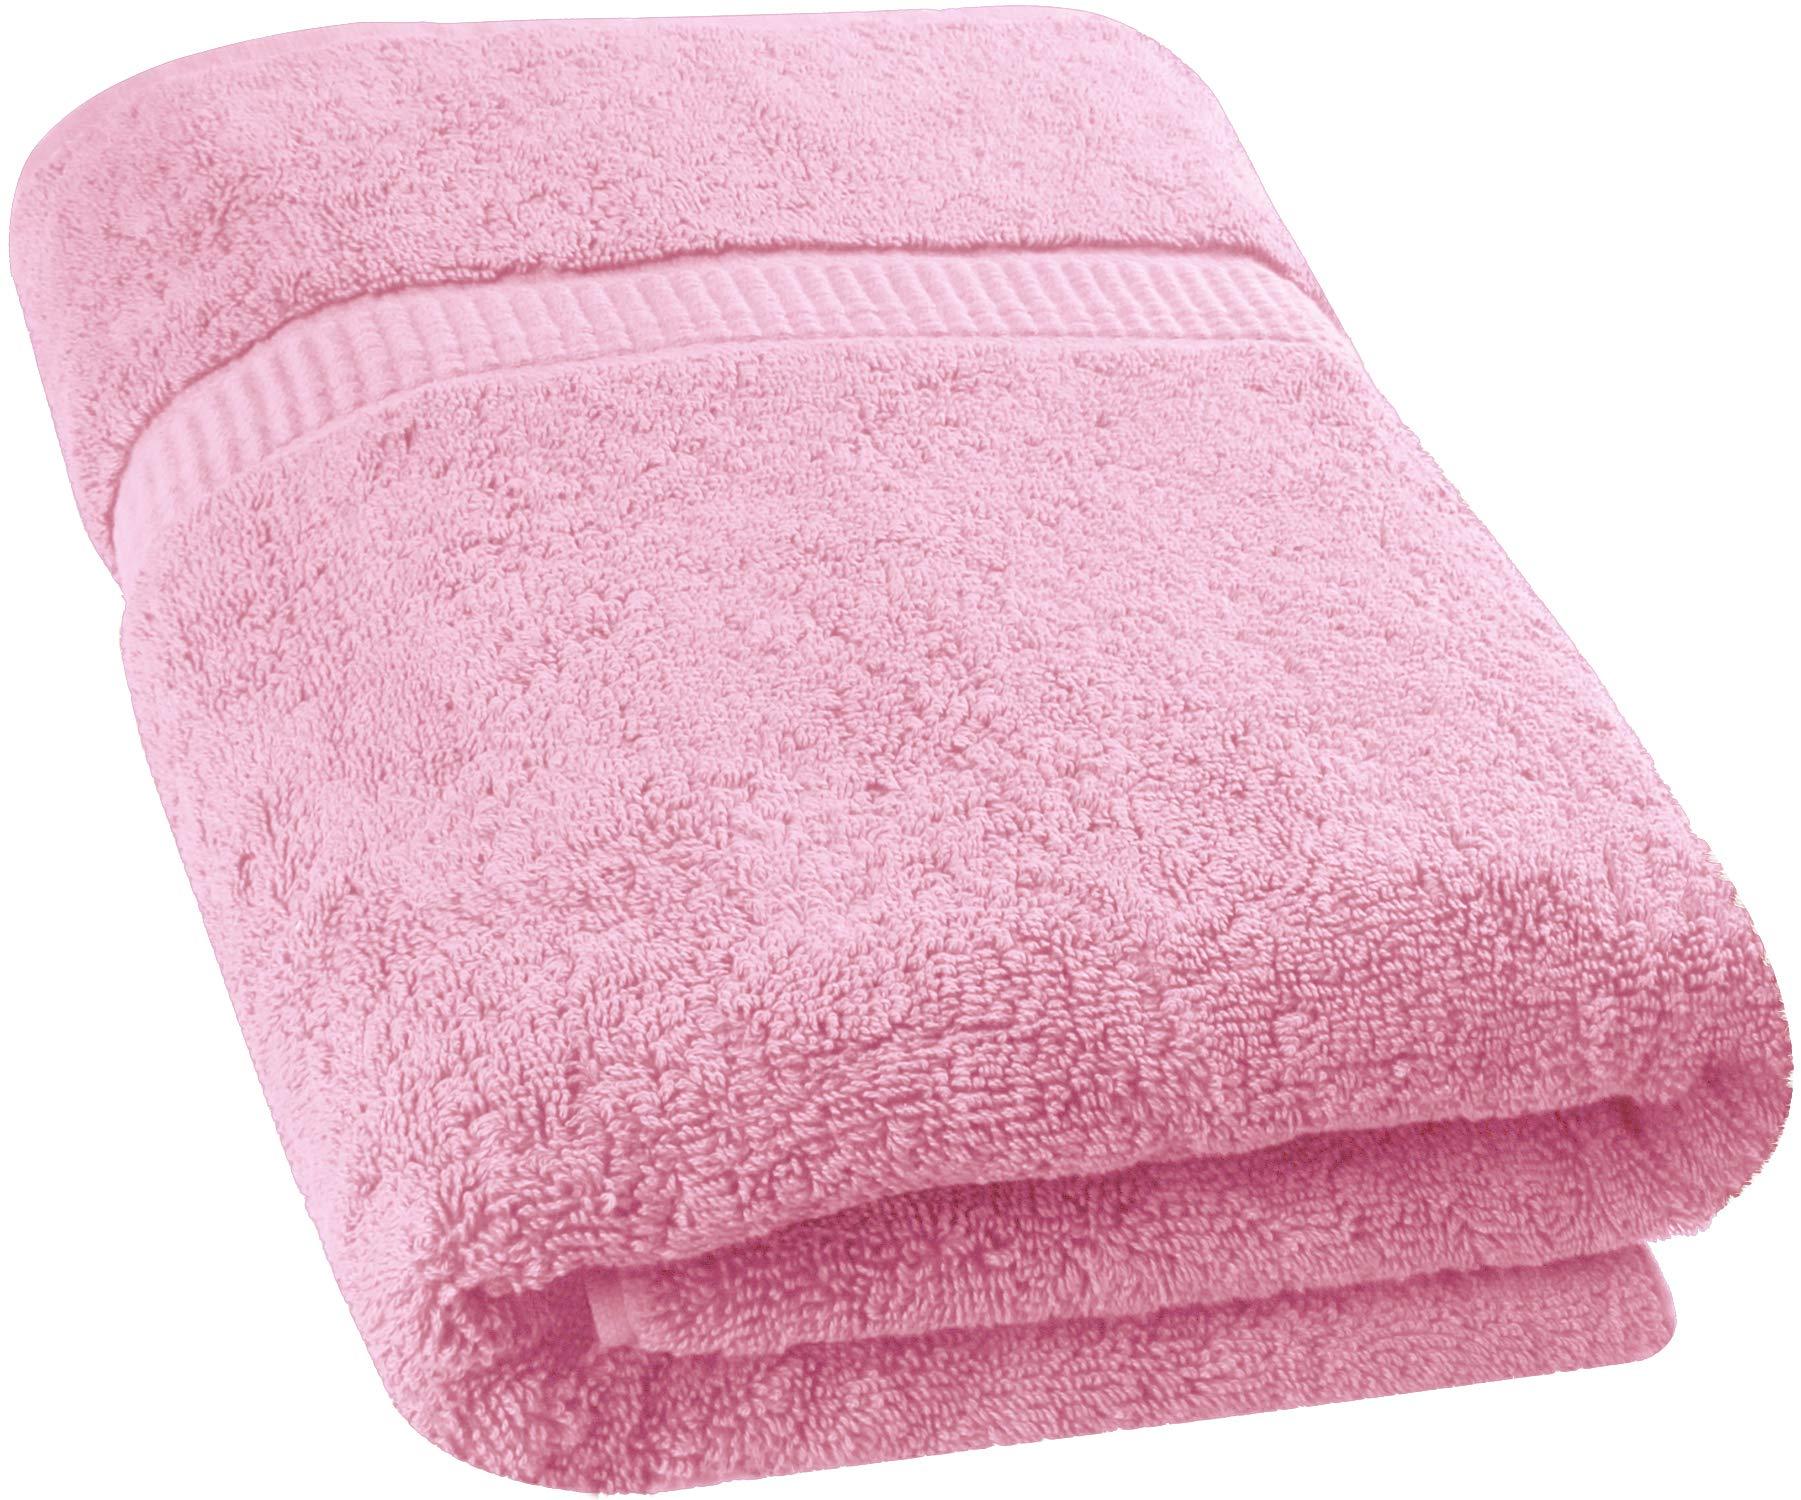 Utopia Towels - Toalla de baño Extra Grande y Suave Lavable en la Lavadora (89 x 178 cm) (Rosa)